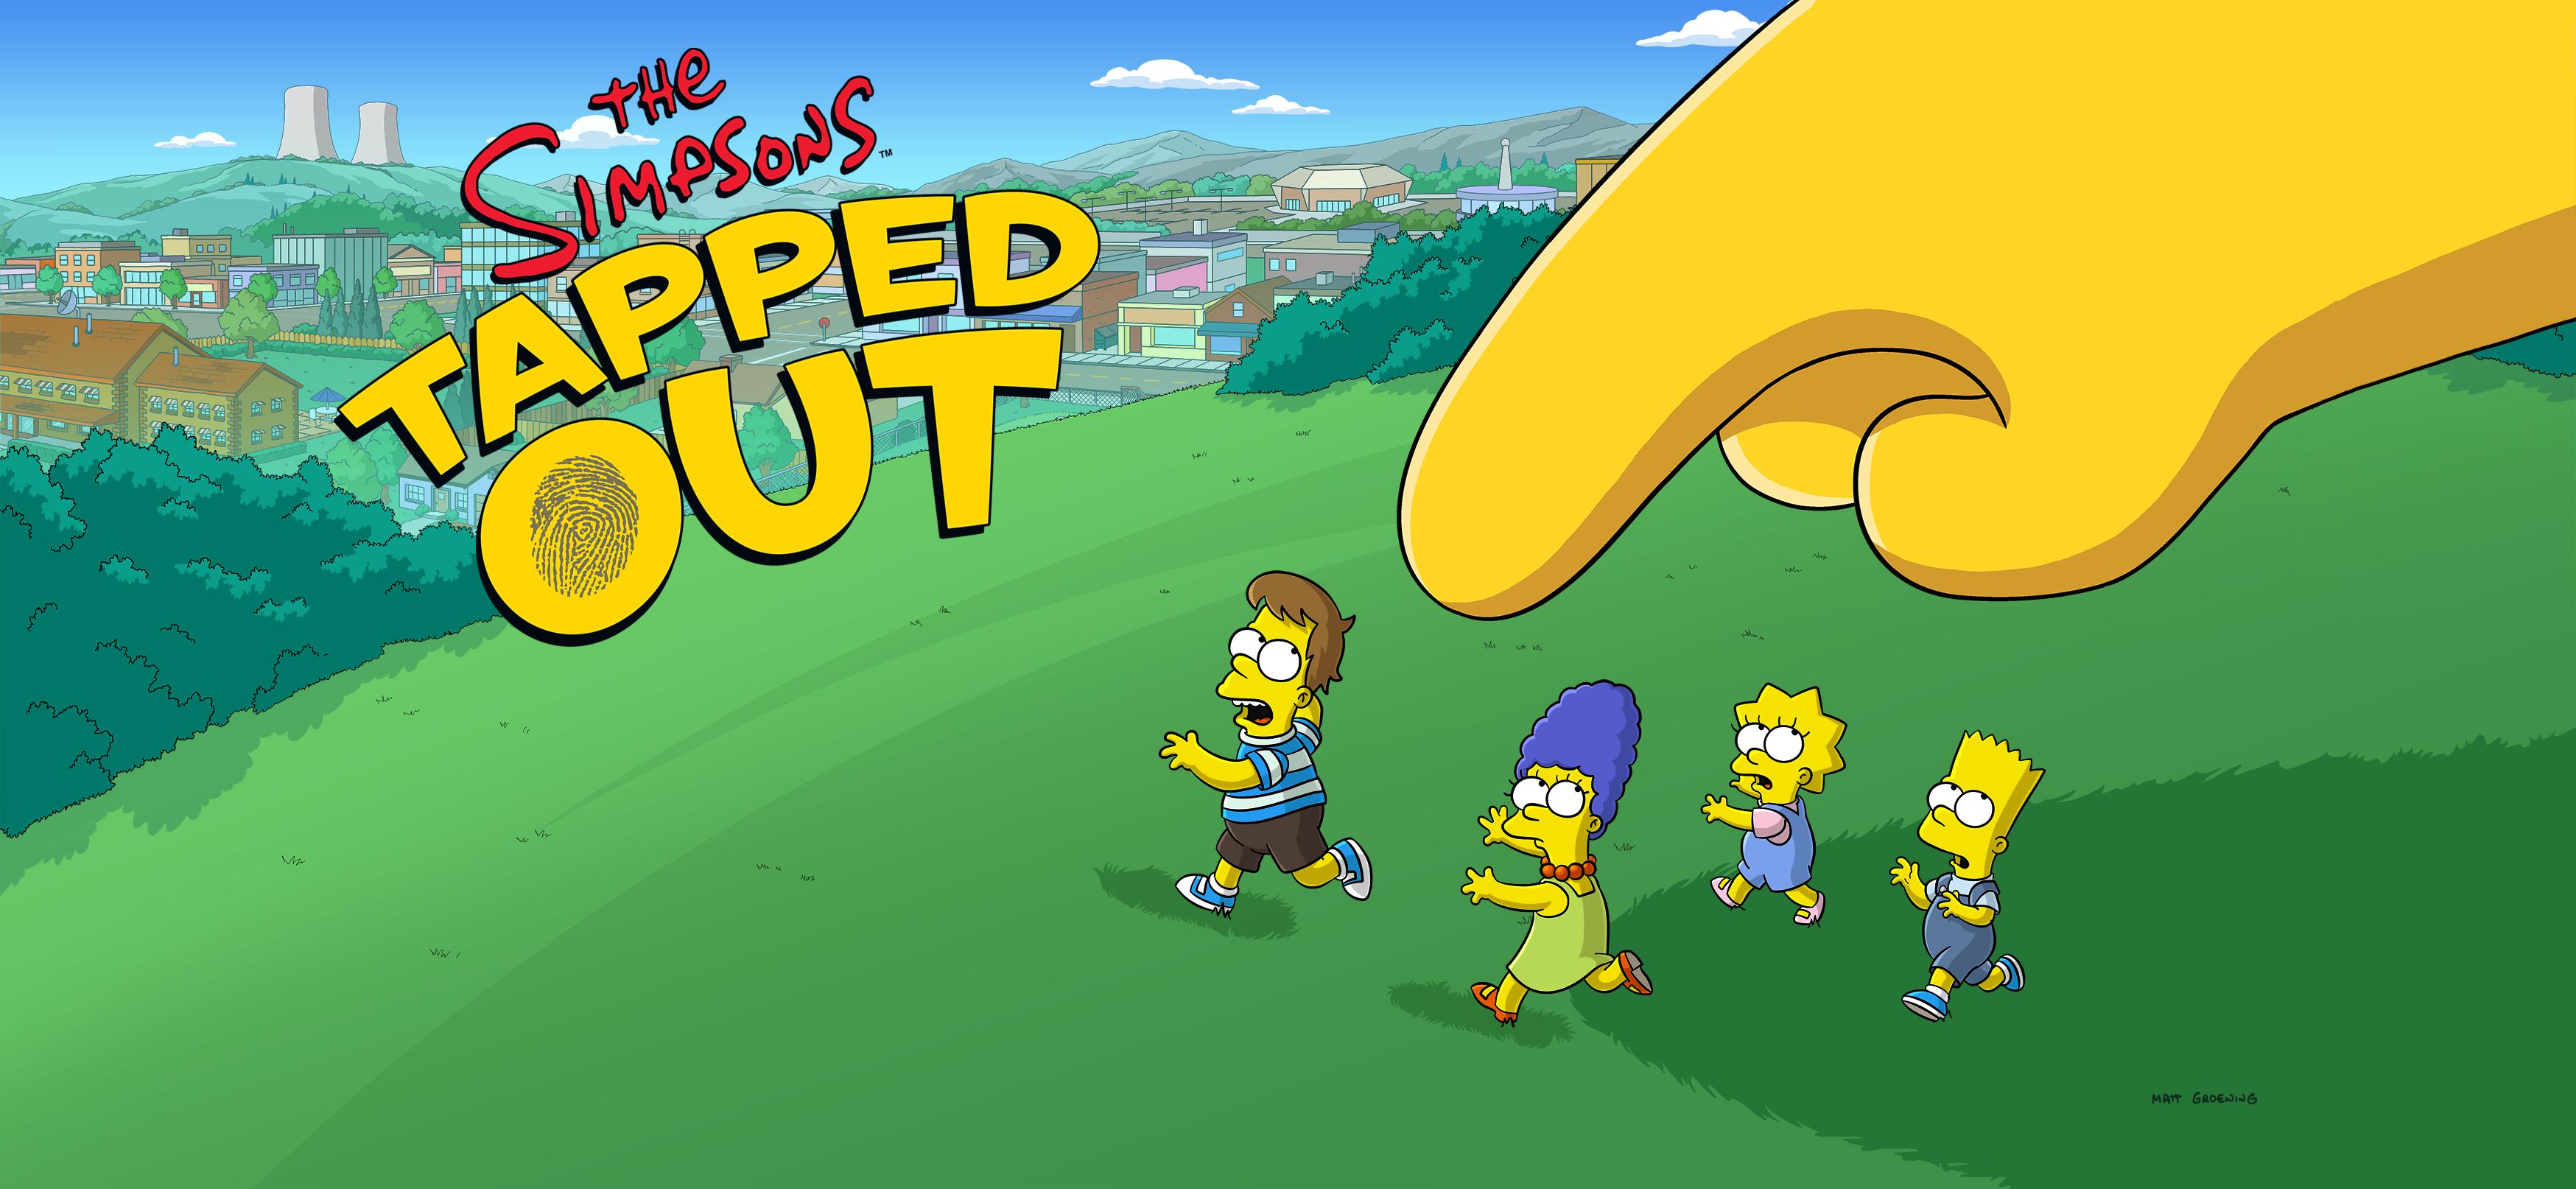 TSTO_Simpsons_Babies_splash_screen.png